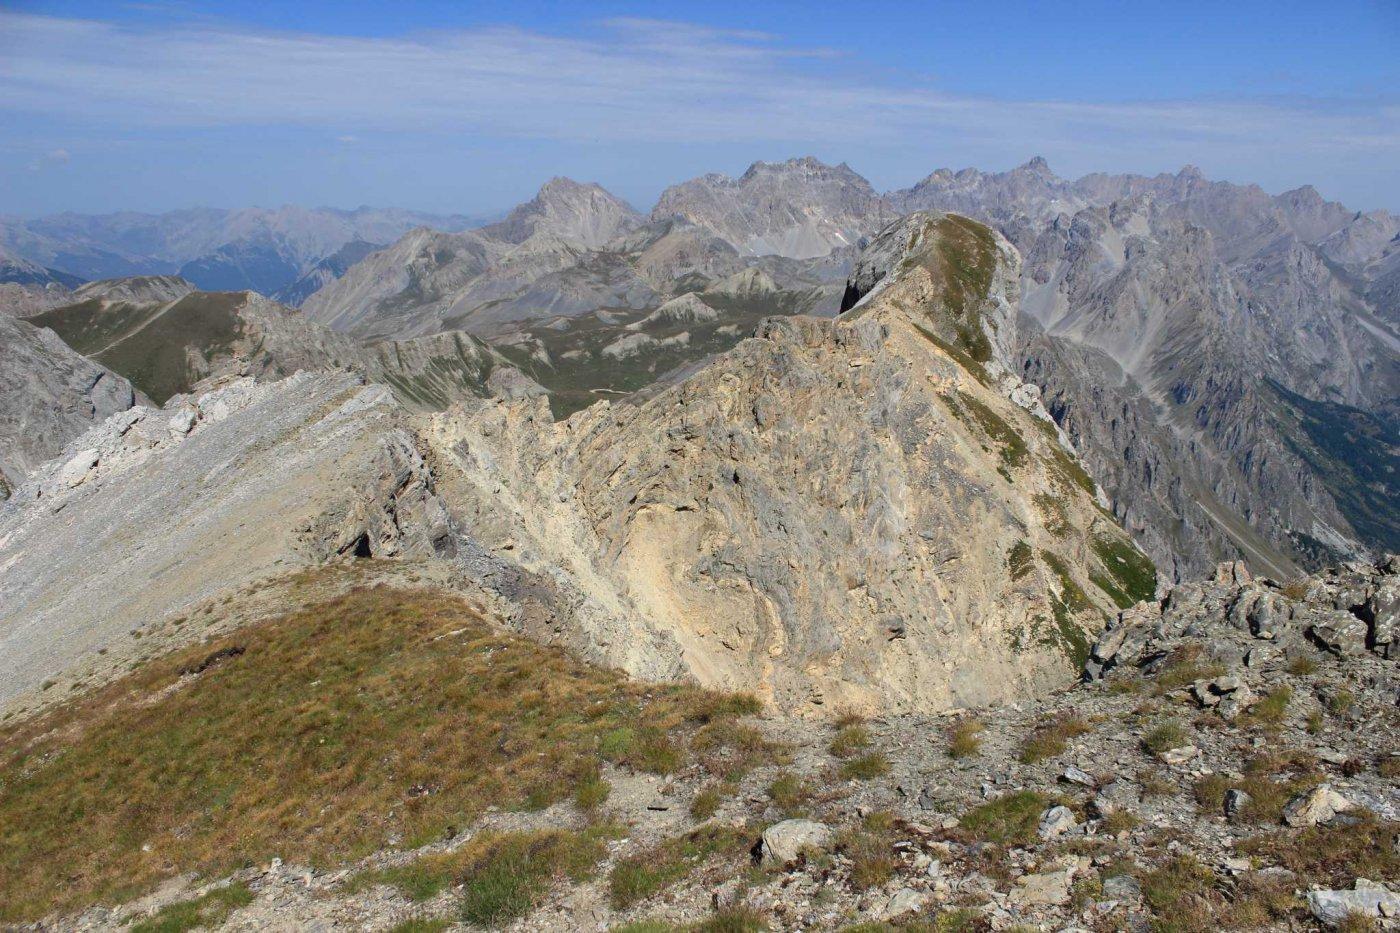 La cima tonda vista dall'anticima, con la cresta da percorrere